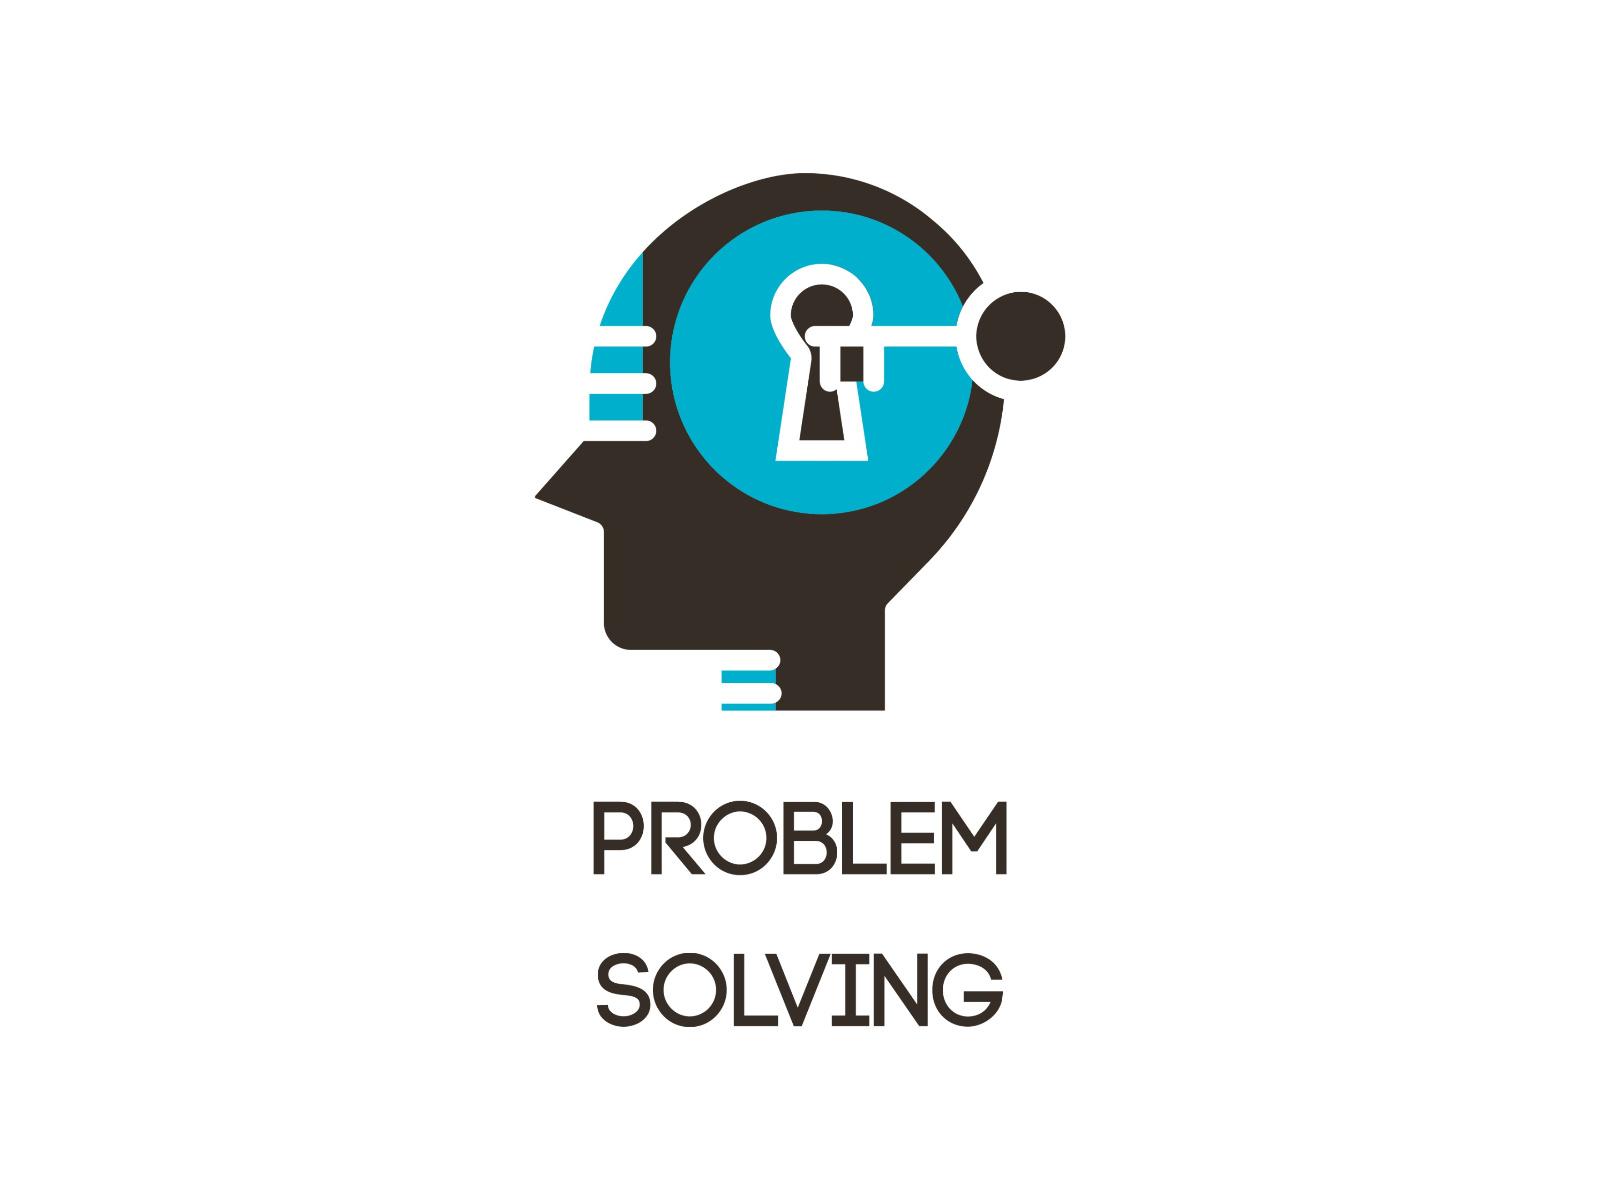 第82話|データ分析で課題解決しなくてもいいじゃない! 解決さえすれば